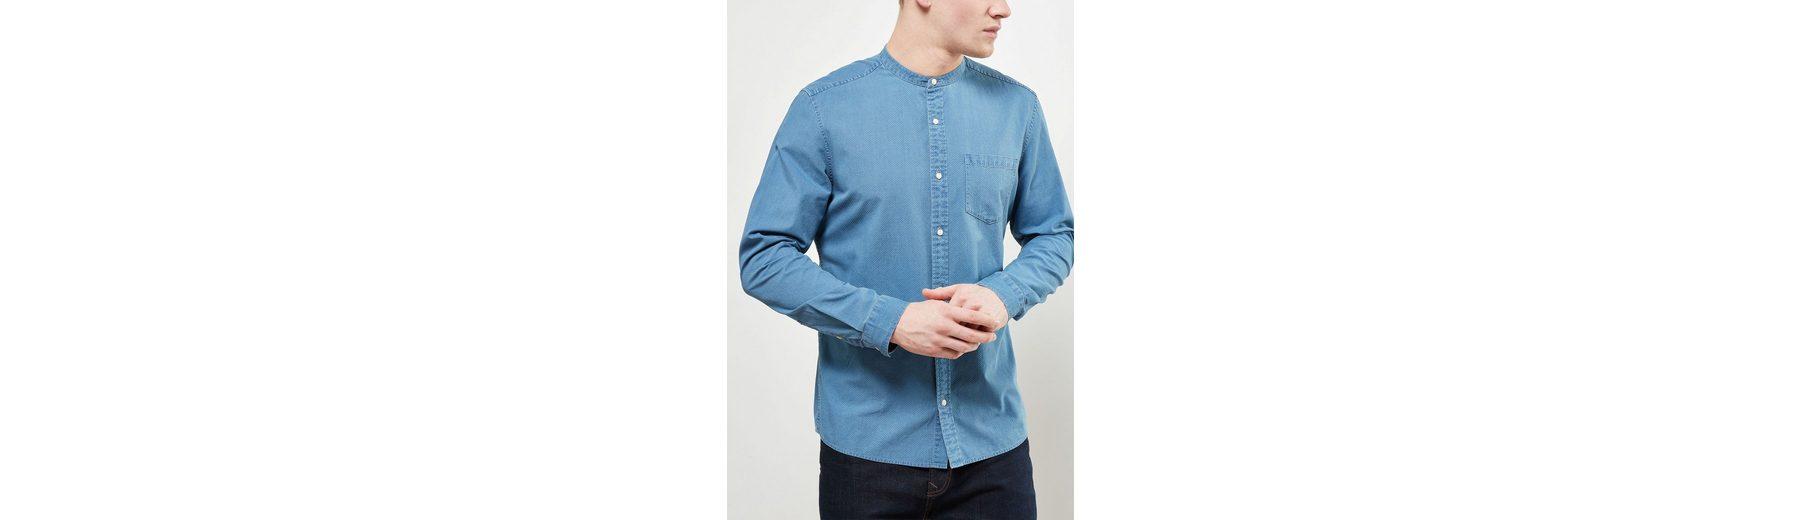 Outlet Rabatt Rabatt Breite Palette Von Next Langärmeliges Grandad-Shirt mit Textur F4Wb2K1i